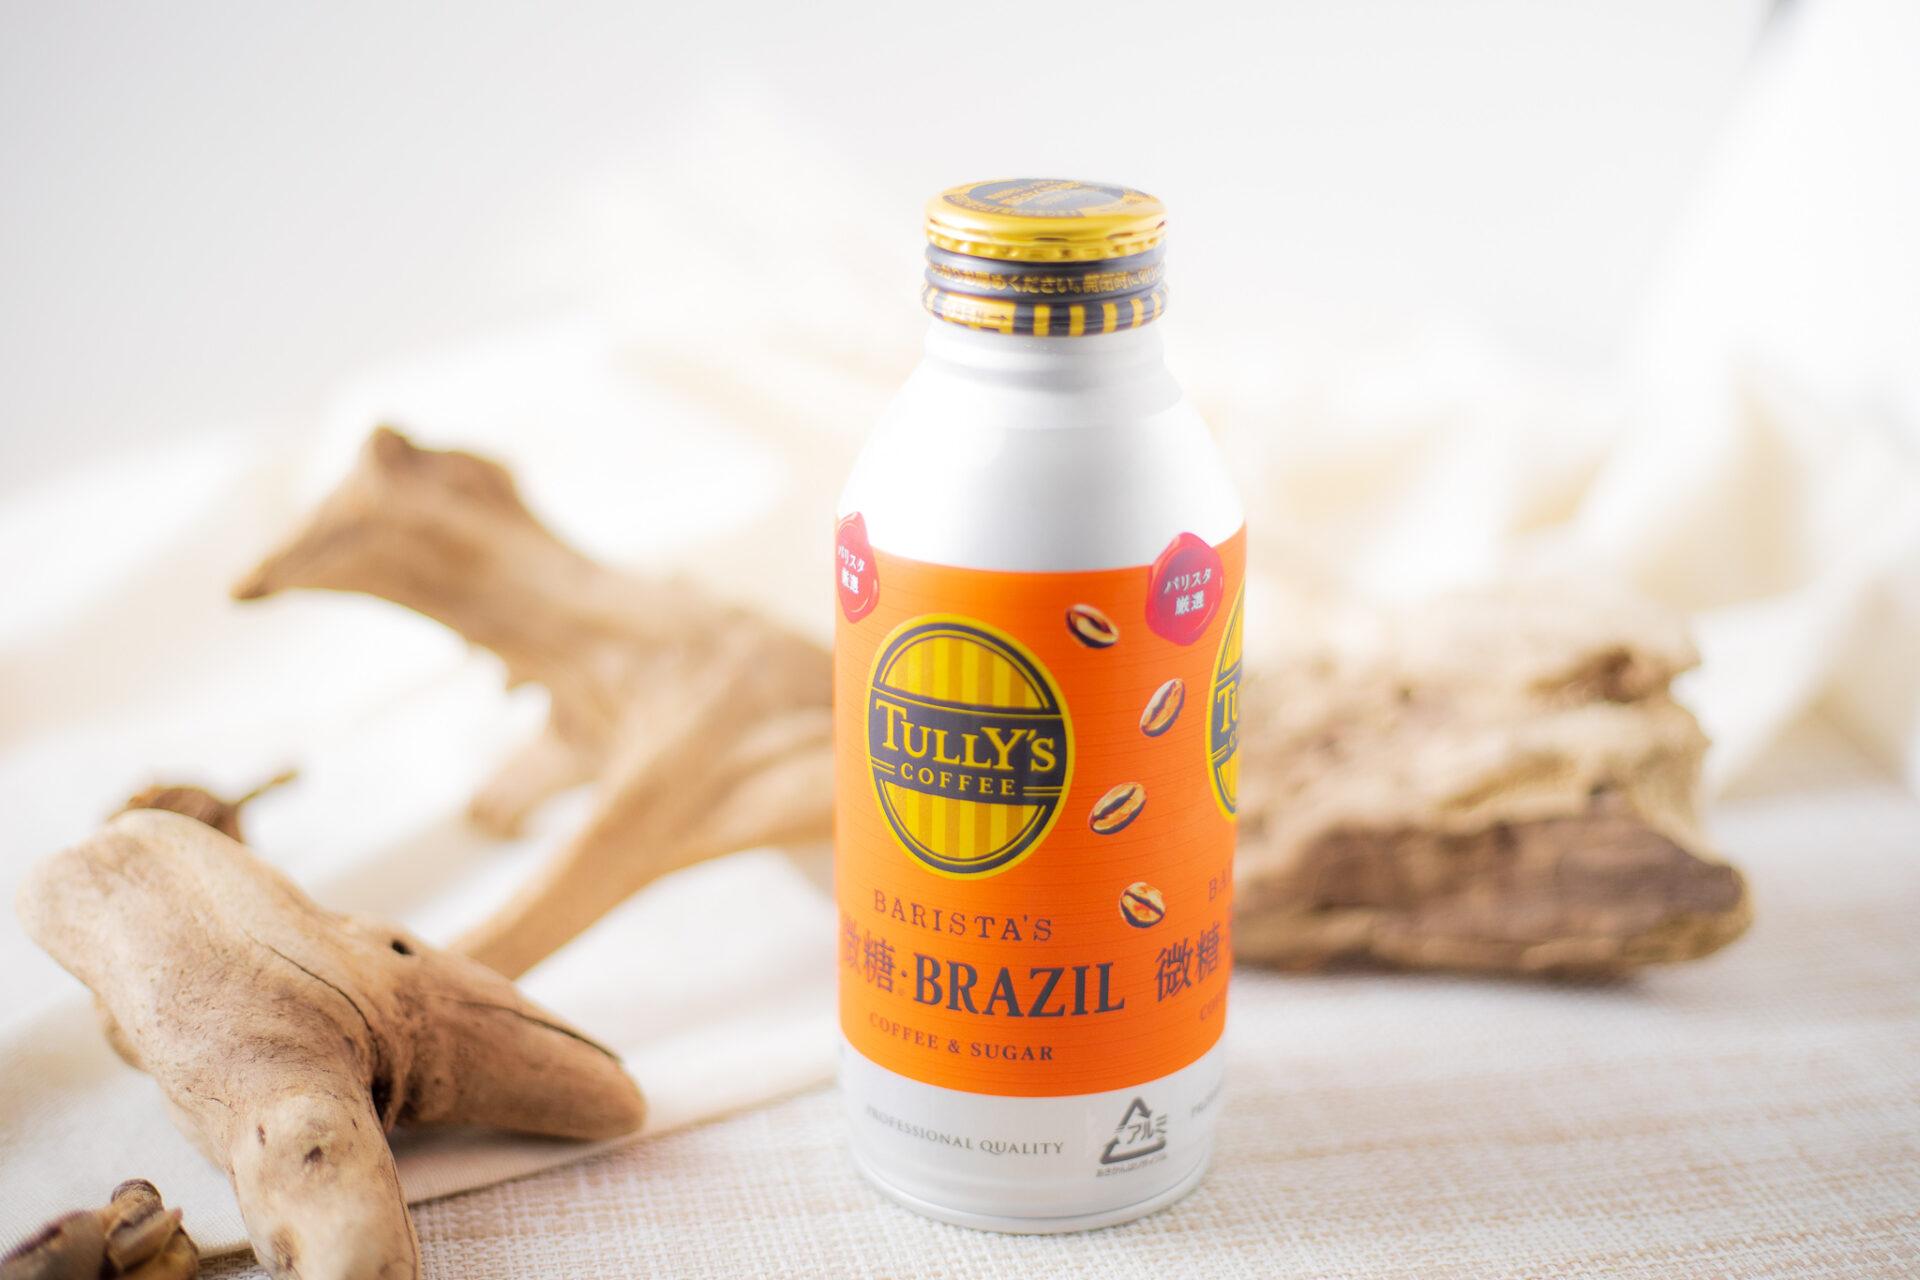 伊藤園『TULLY'S COFFEE BARISTA'S 微糖・BRAZIL ボトル缶 370ml』